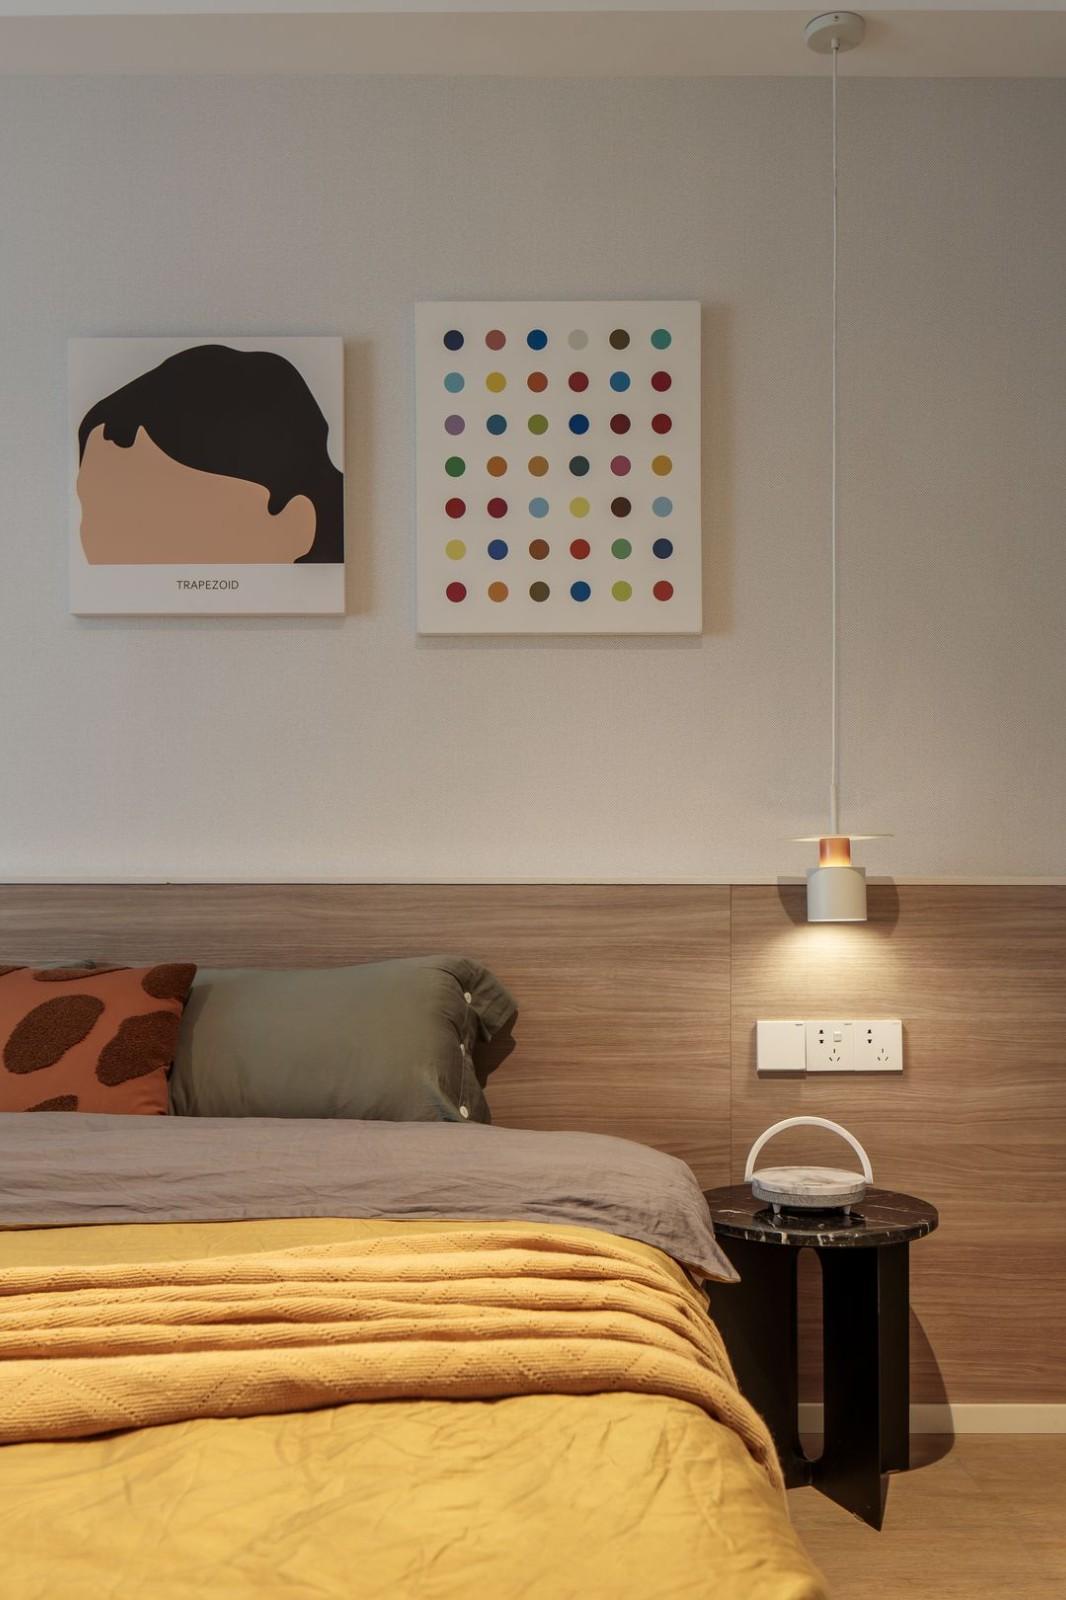 2021混搭卧室装修设计图片 2021混搭背景墙装修设计